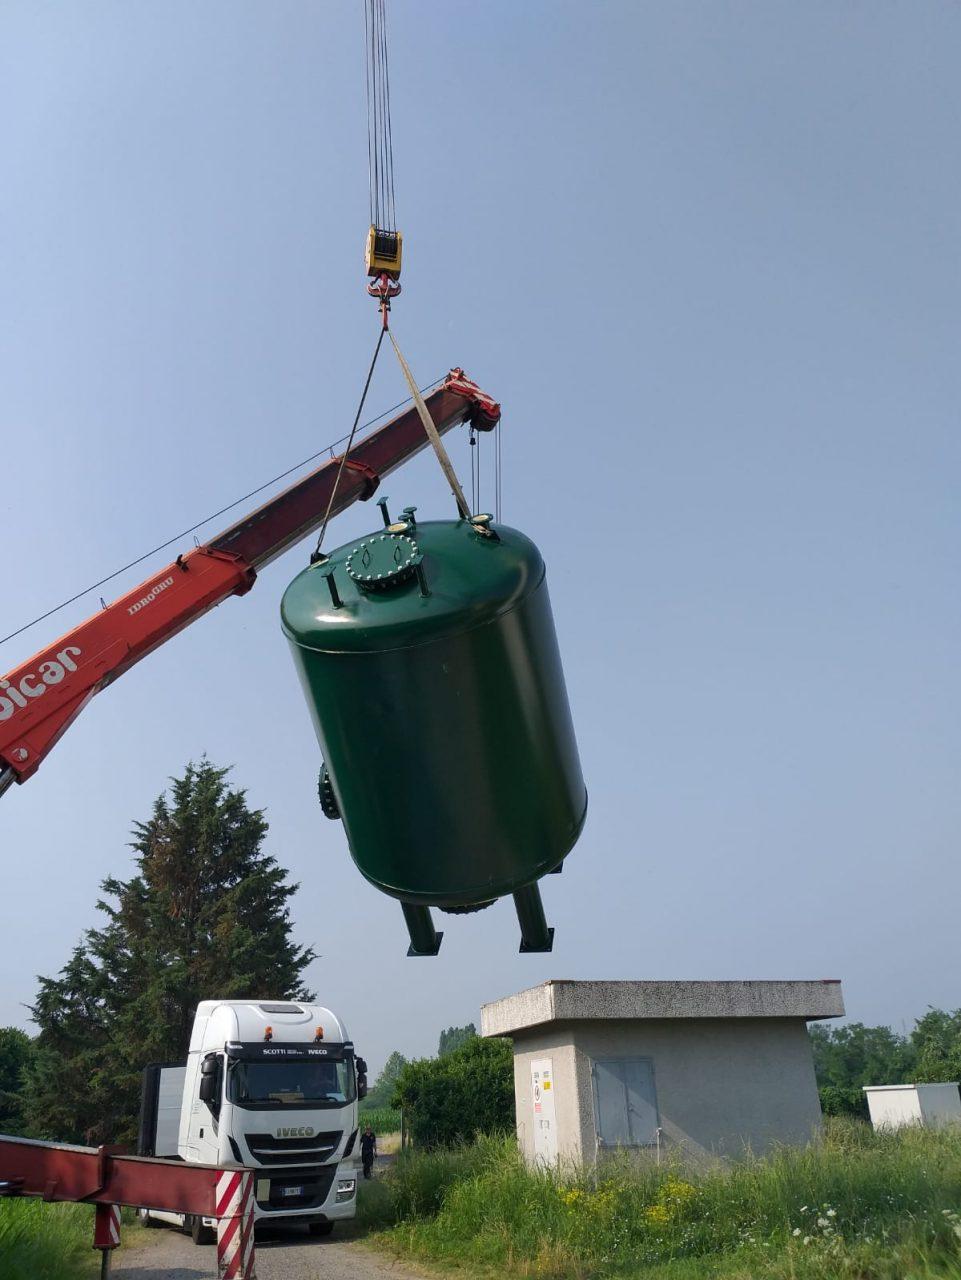 18mila lodigiani berranno acqua più pulita: 4 nuovi filtri per acquedotto di San Martino in Strada